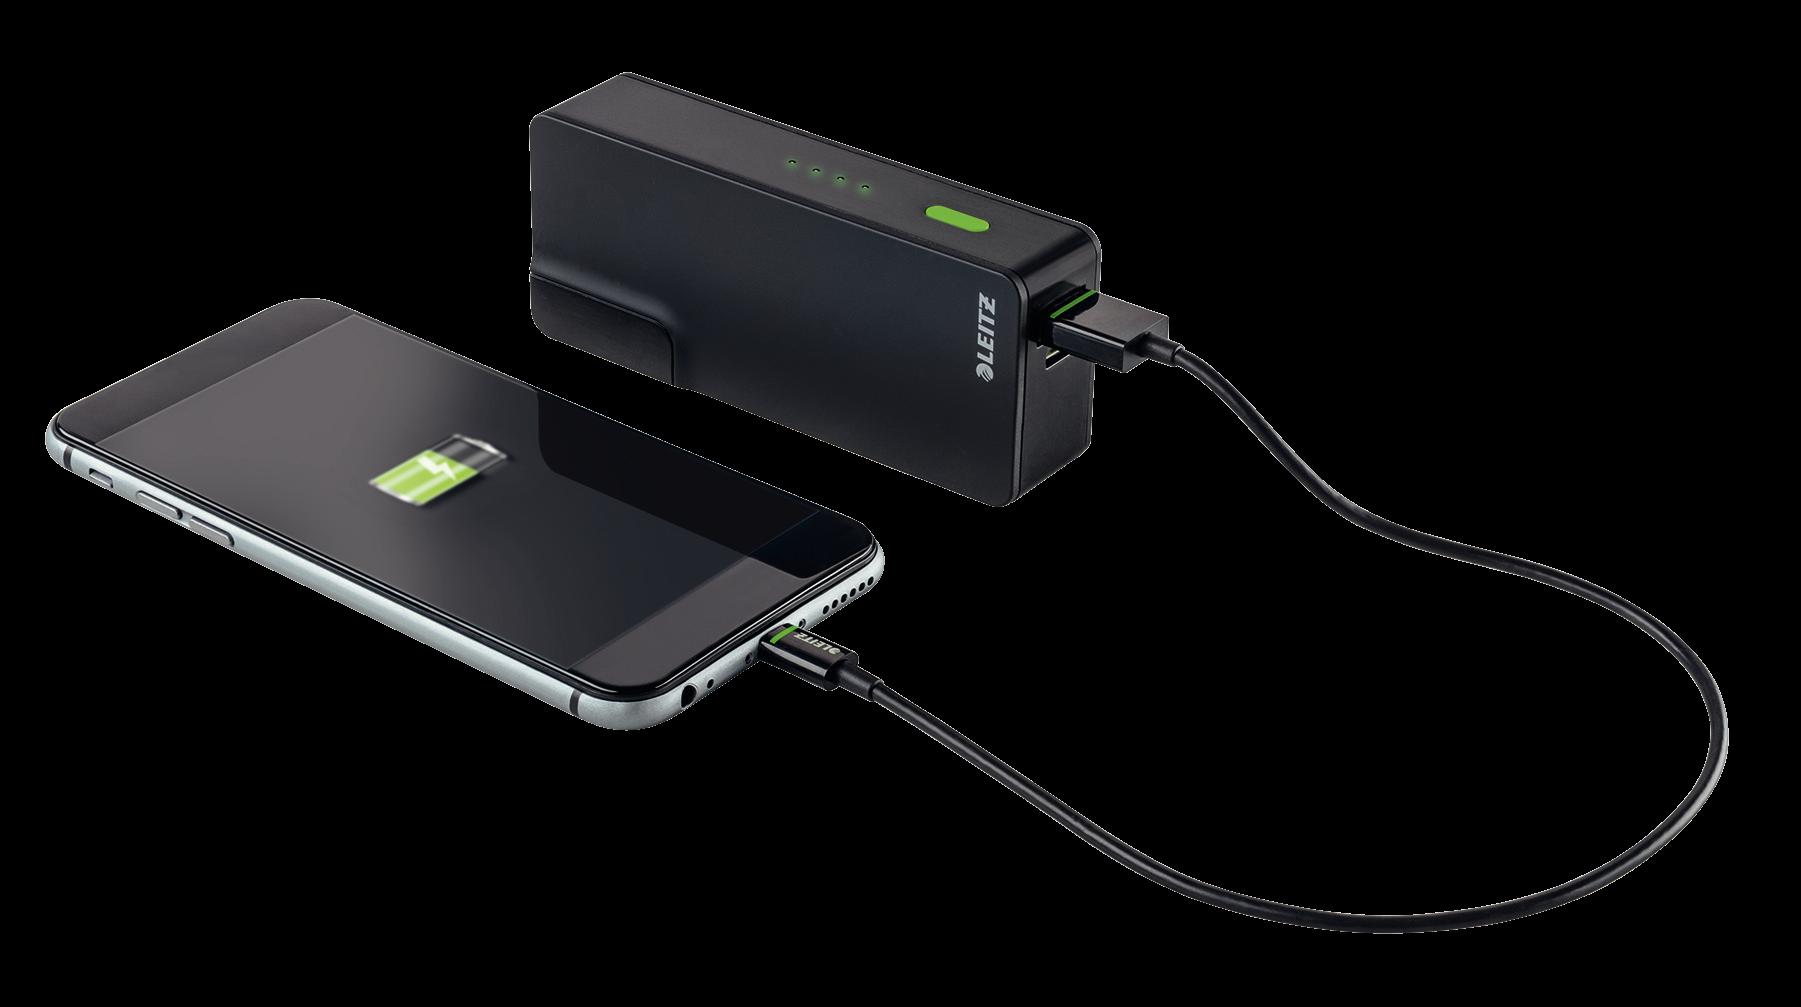 Descriere Incarcator si baterie, port USB, 3000mAh, LEITZ Complete